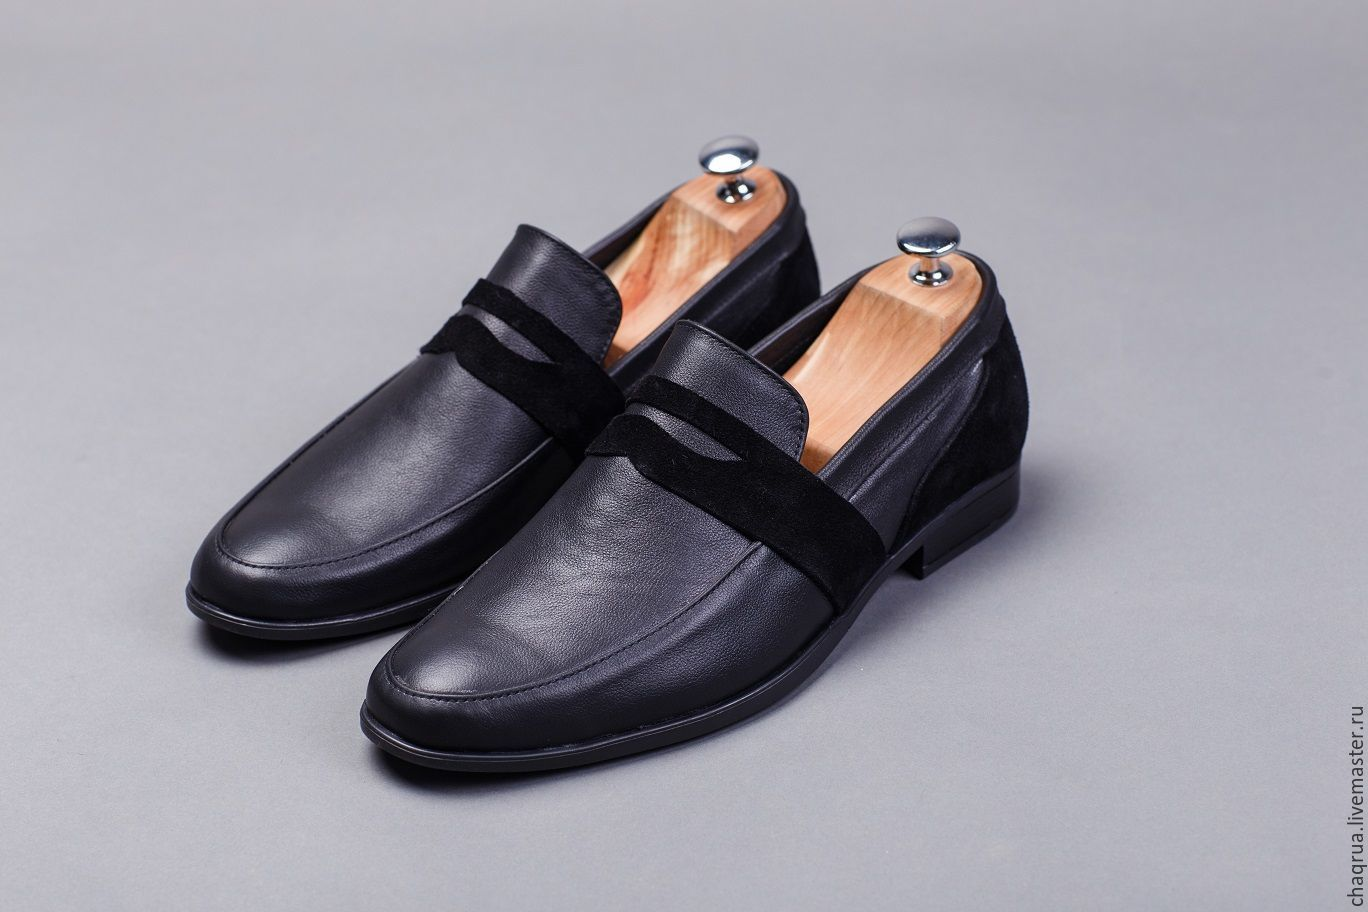 Ботинки тамерлан во франции